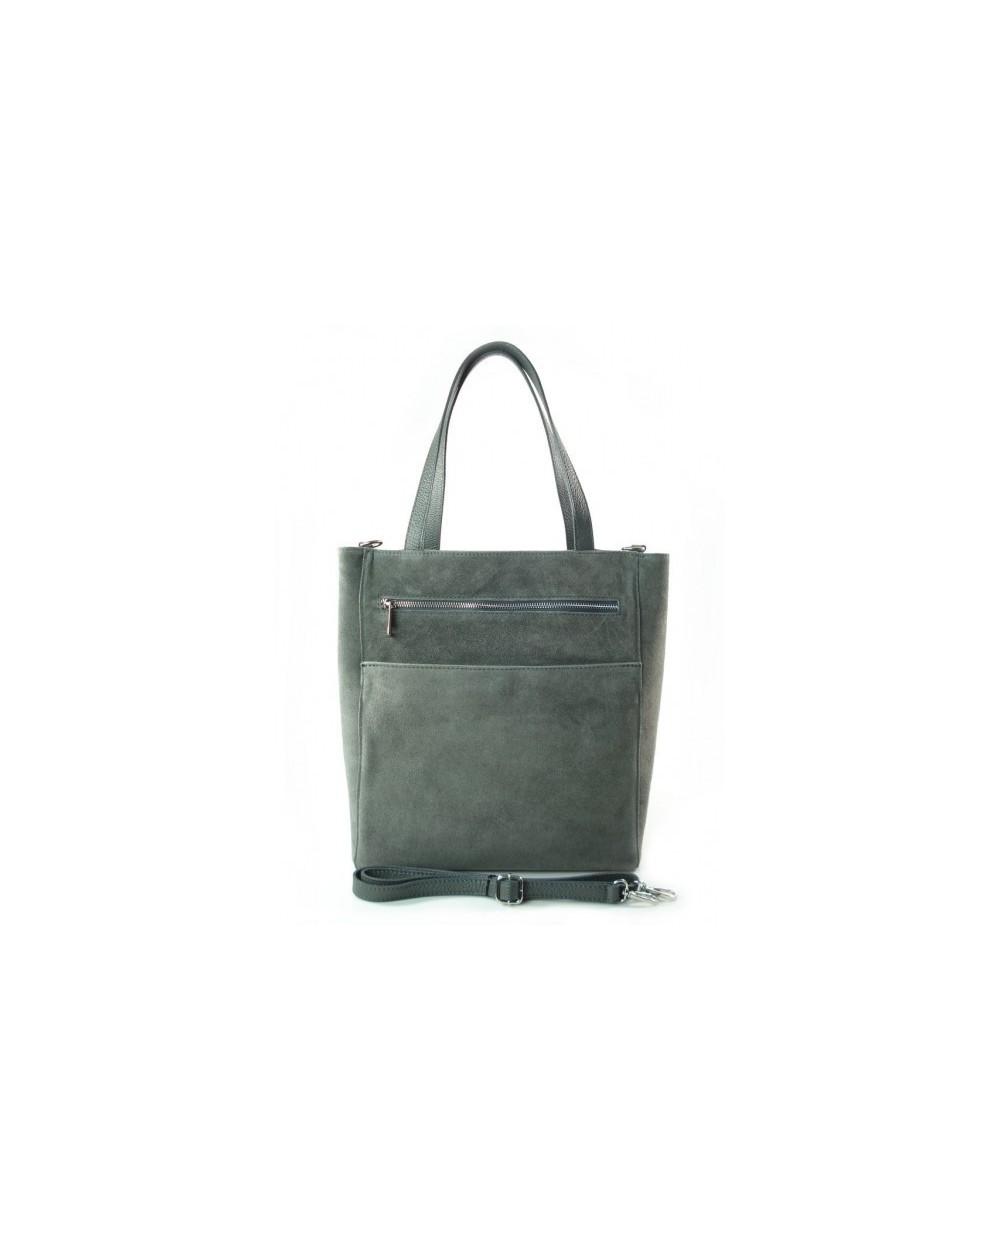 be563e6eb130f Włoski zamszowa torebka shopper bag szara - Sklep internetowy ...